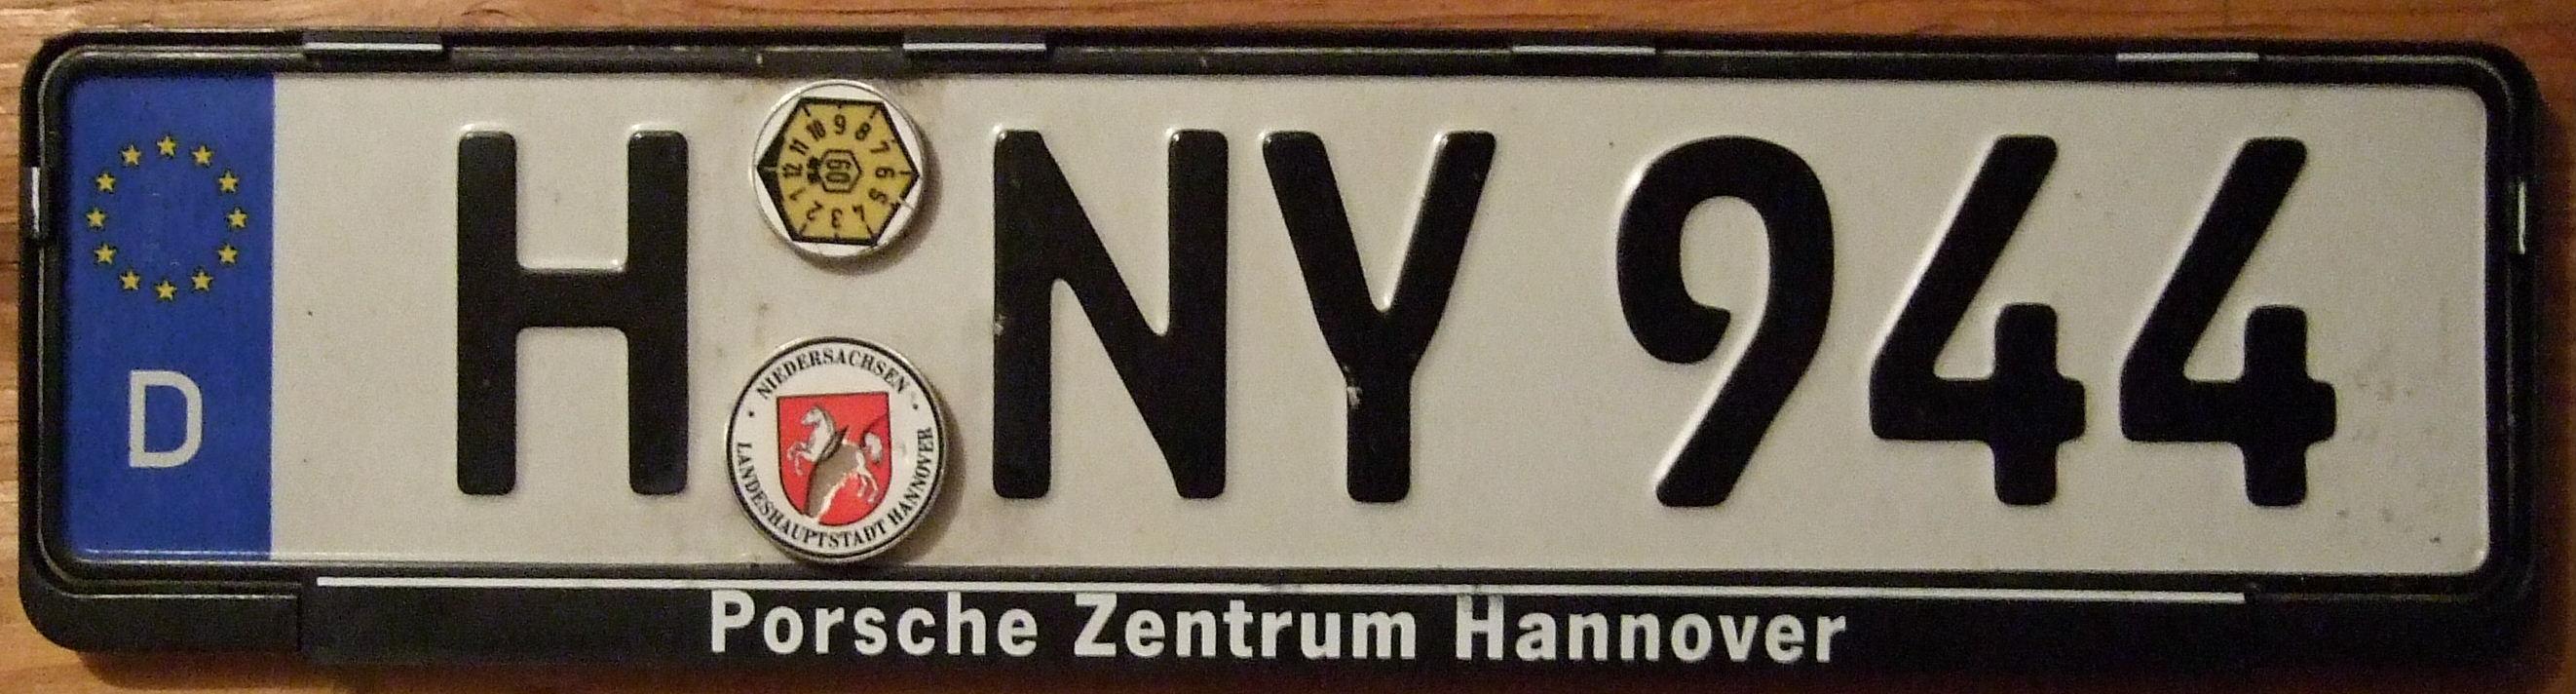 license deutsch